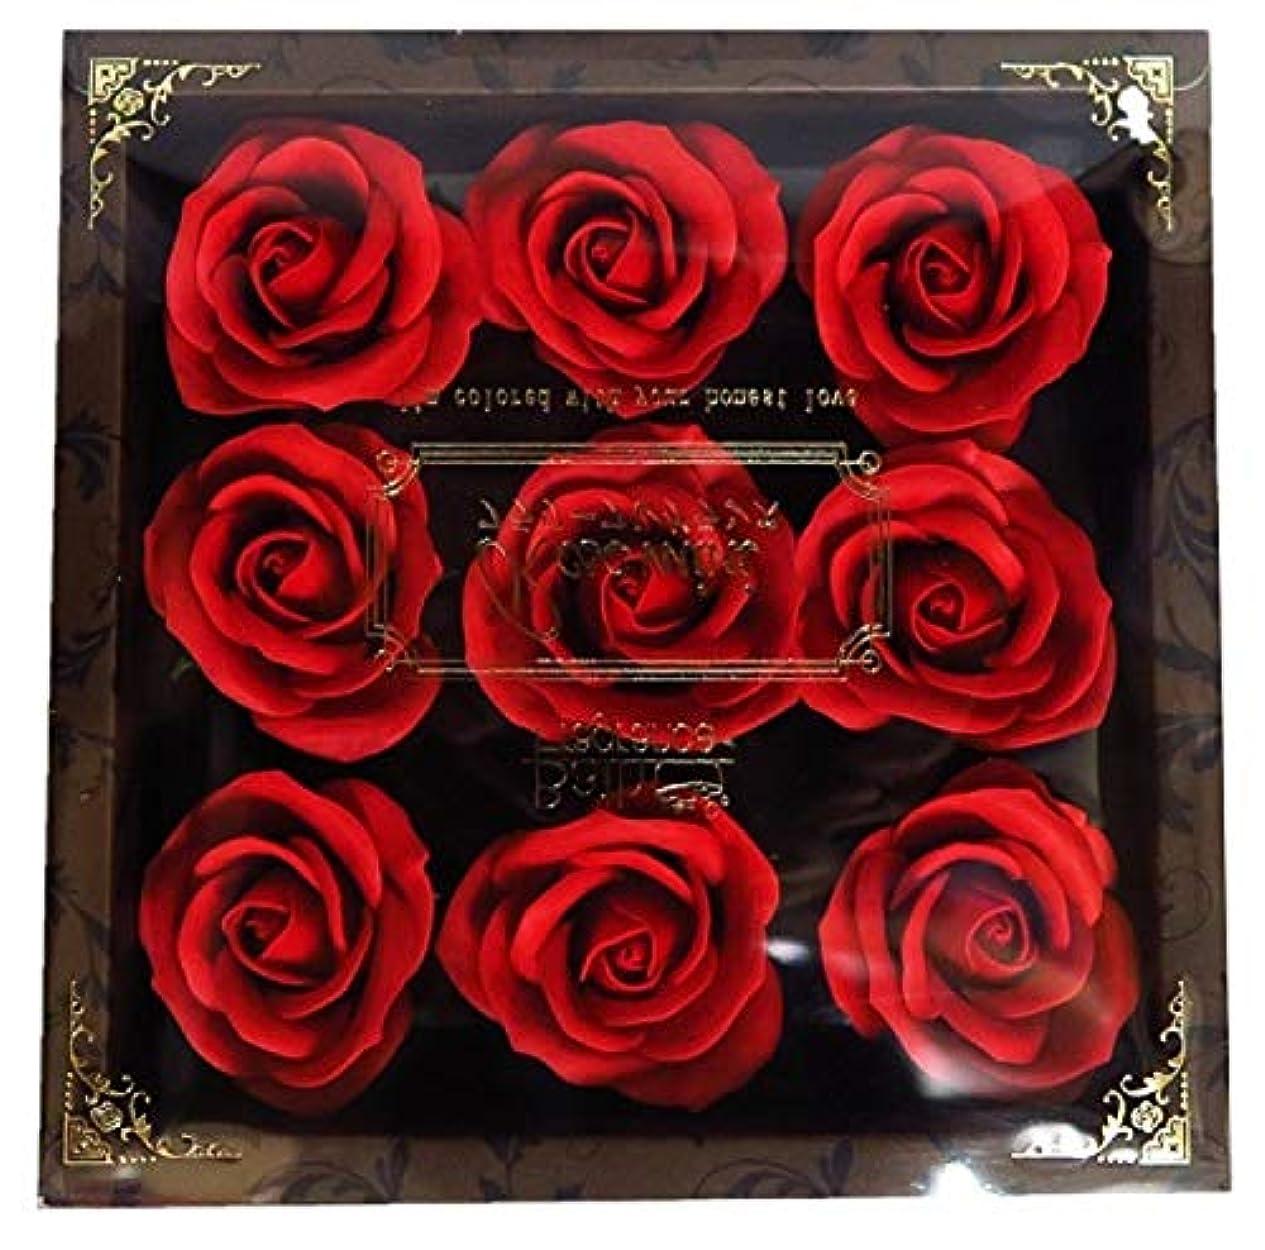 強制的費やすご意見バスフレグランス フラワーフレグランス ミニローズフレグランス(L)レッド ギフト お花の形の入浴剤 プレゼント ばら